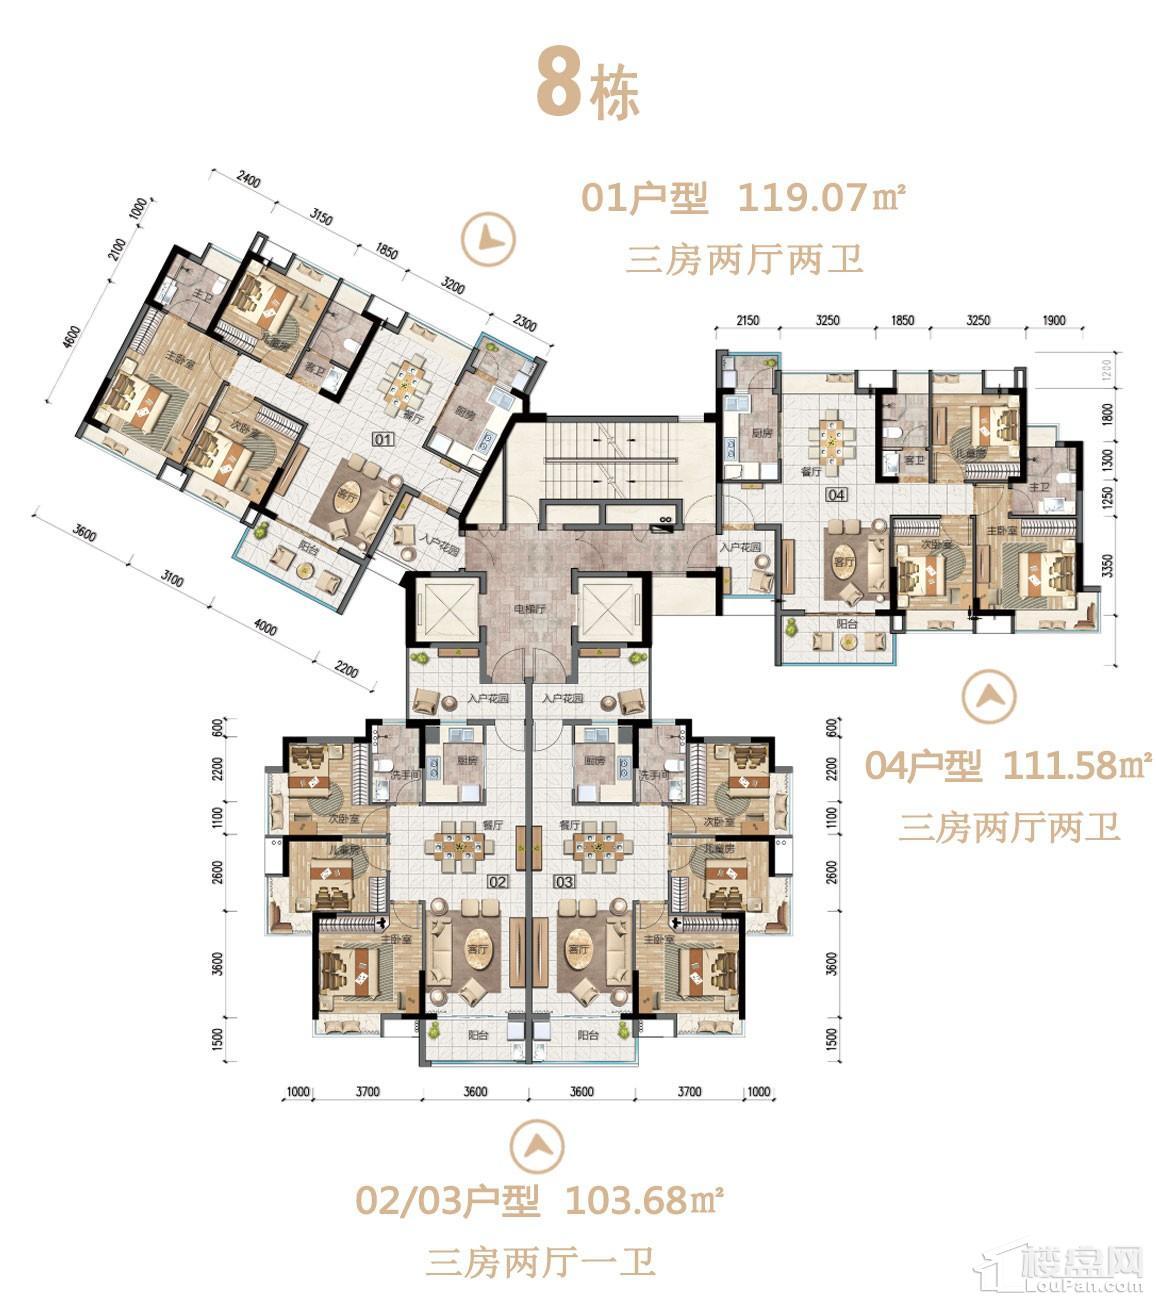 沙湖绿洲8栋户型图